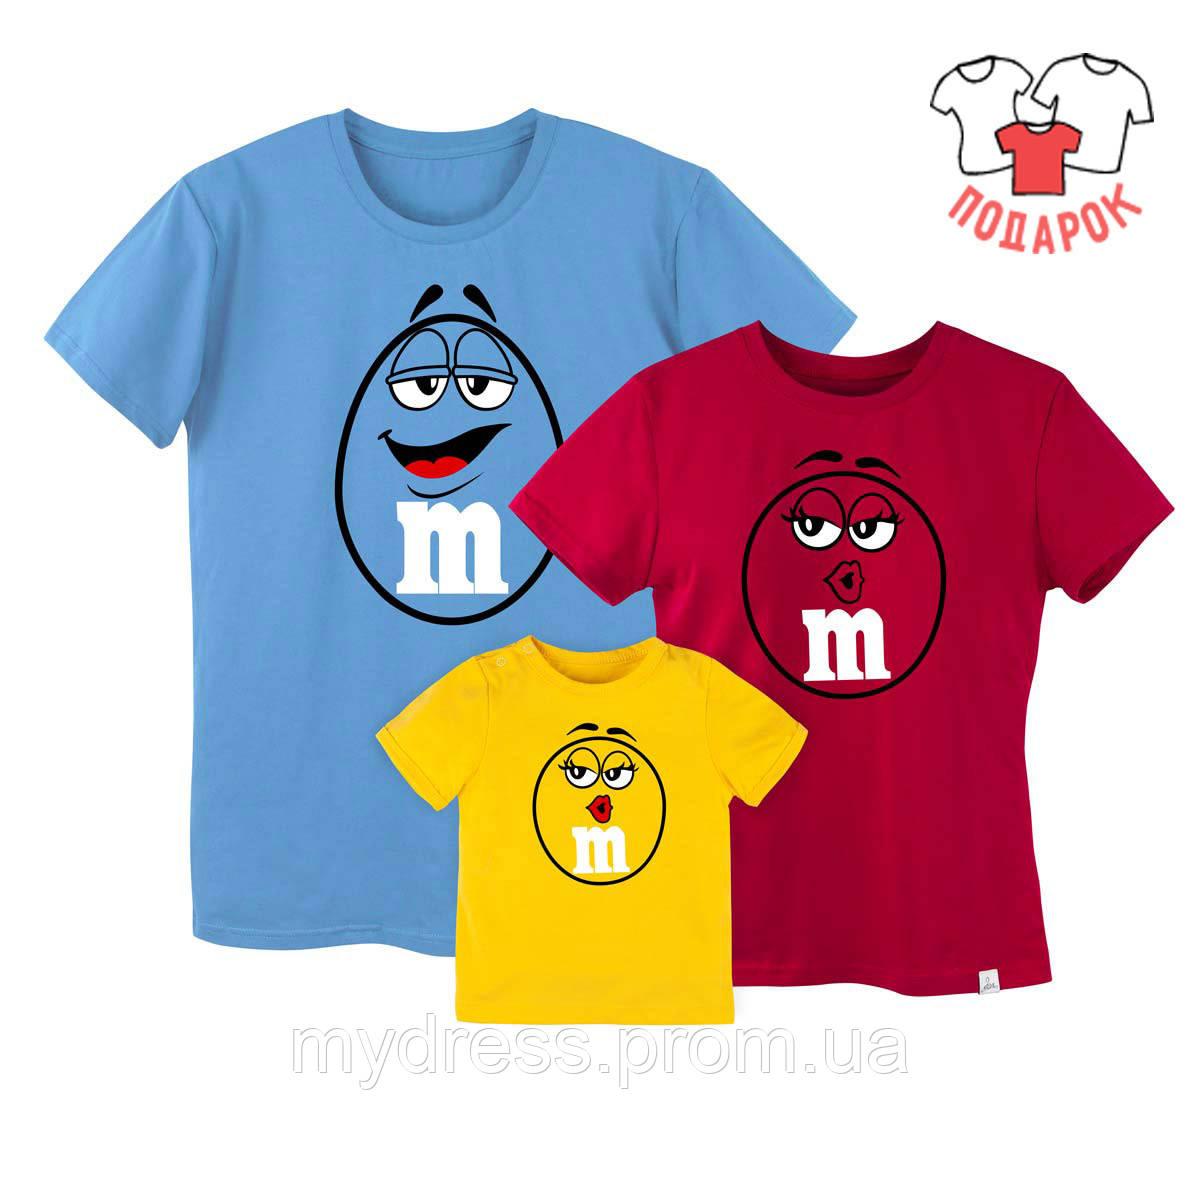 Family look комплект футболок для всей семьи Candy